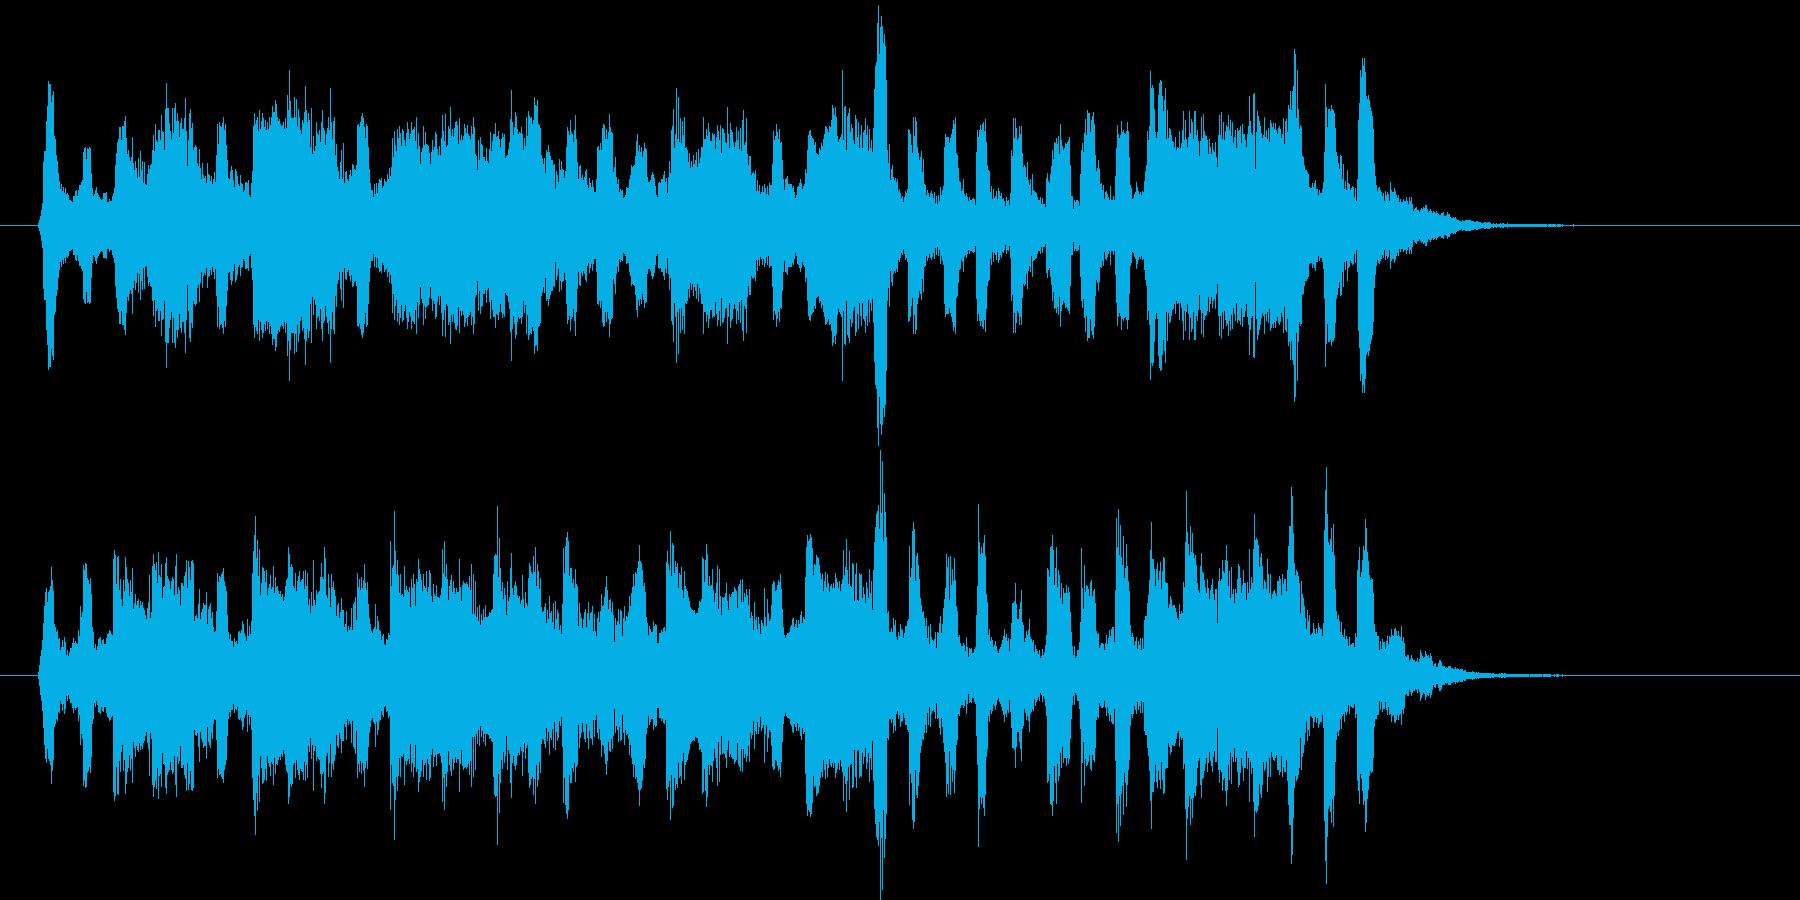 悠長で緩やかなワルツ風ジングルの再生済みの波形